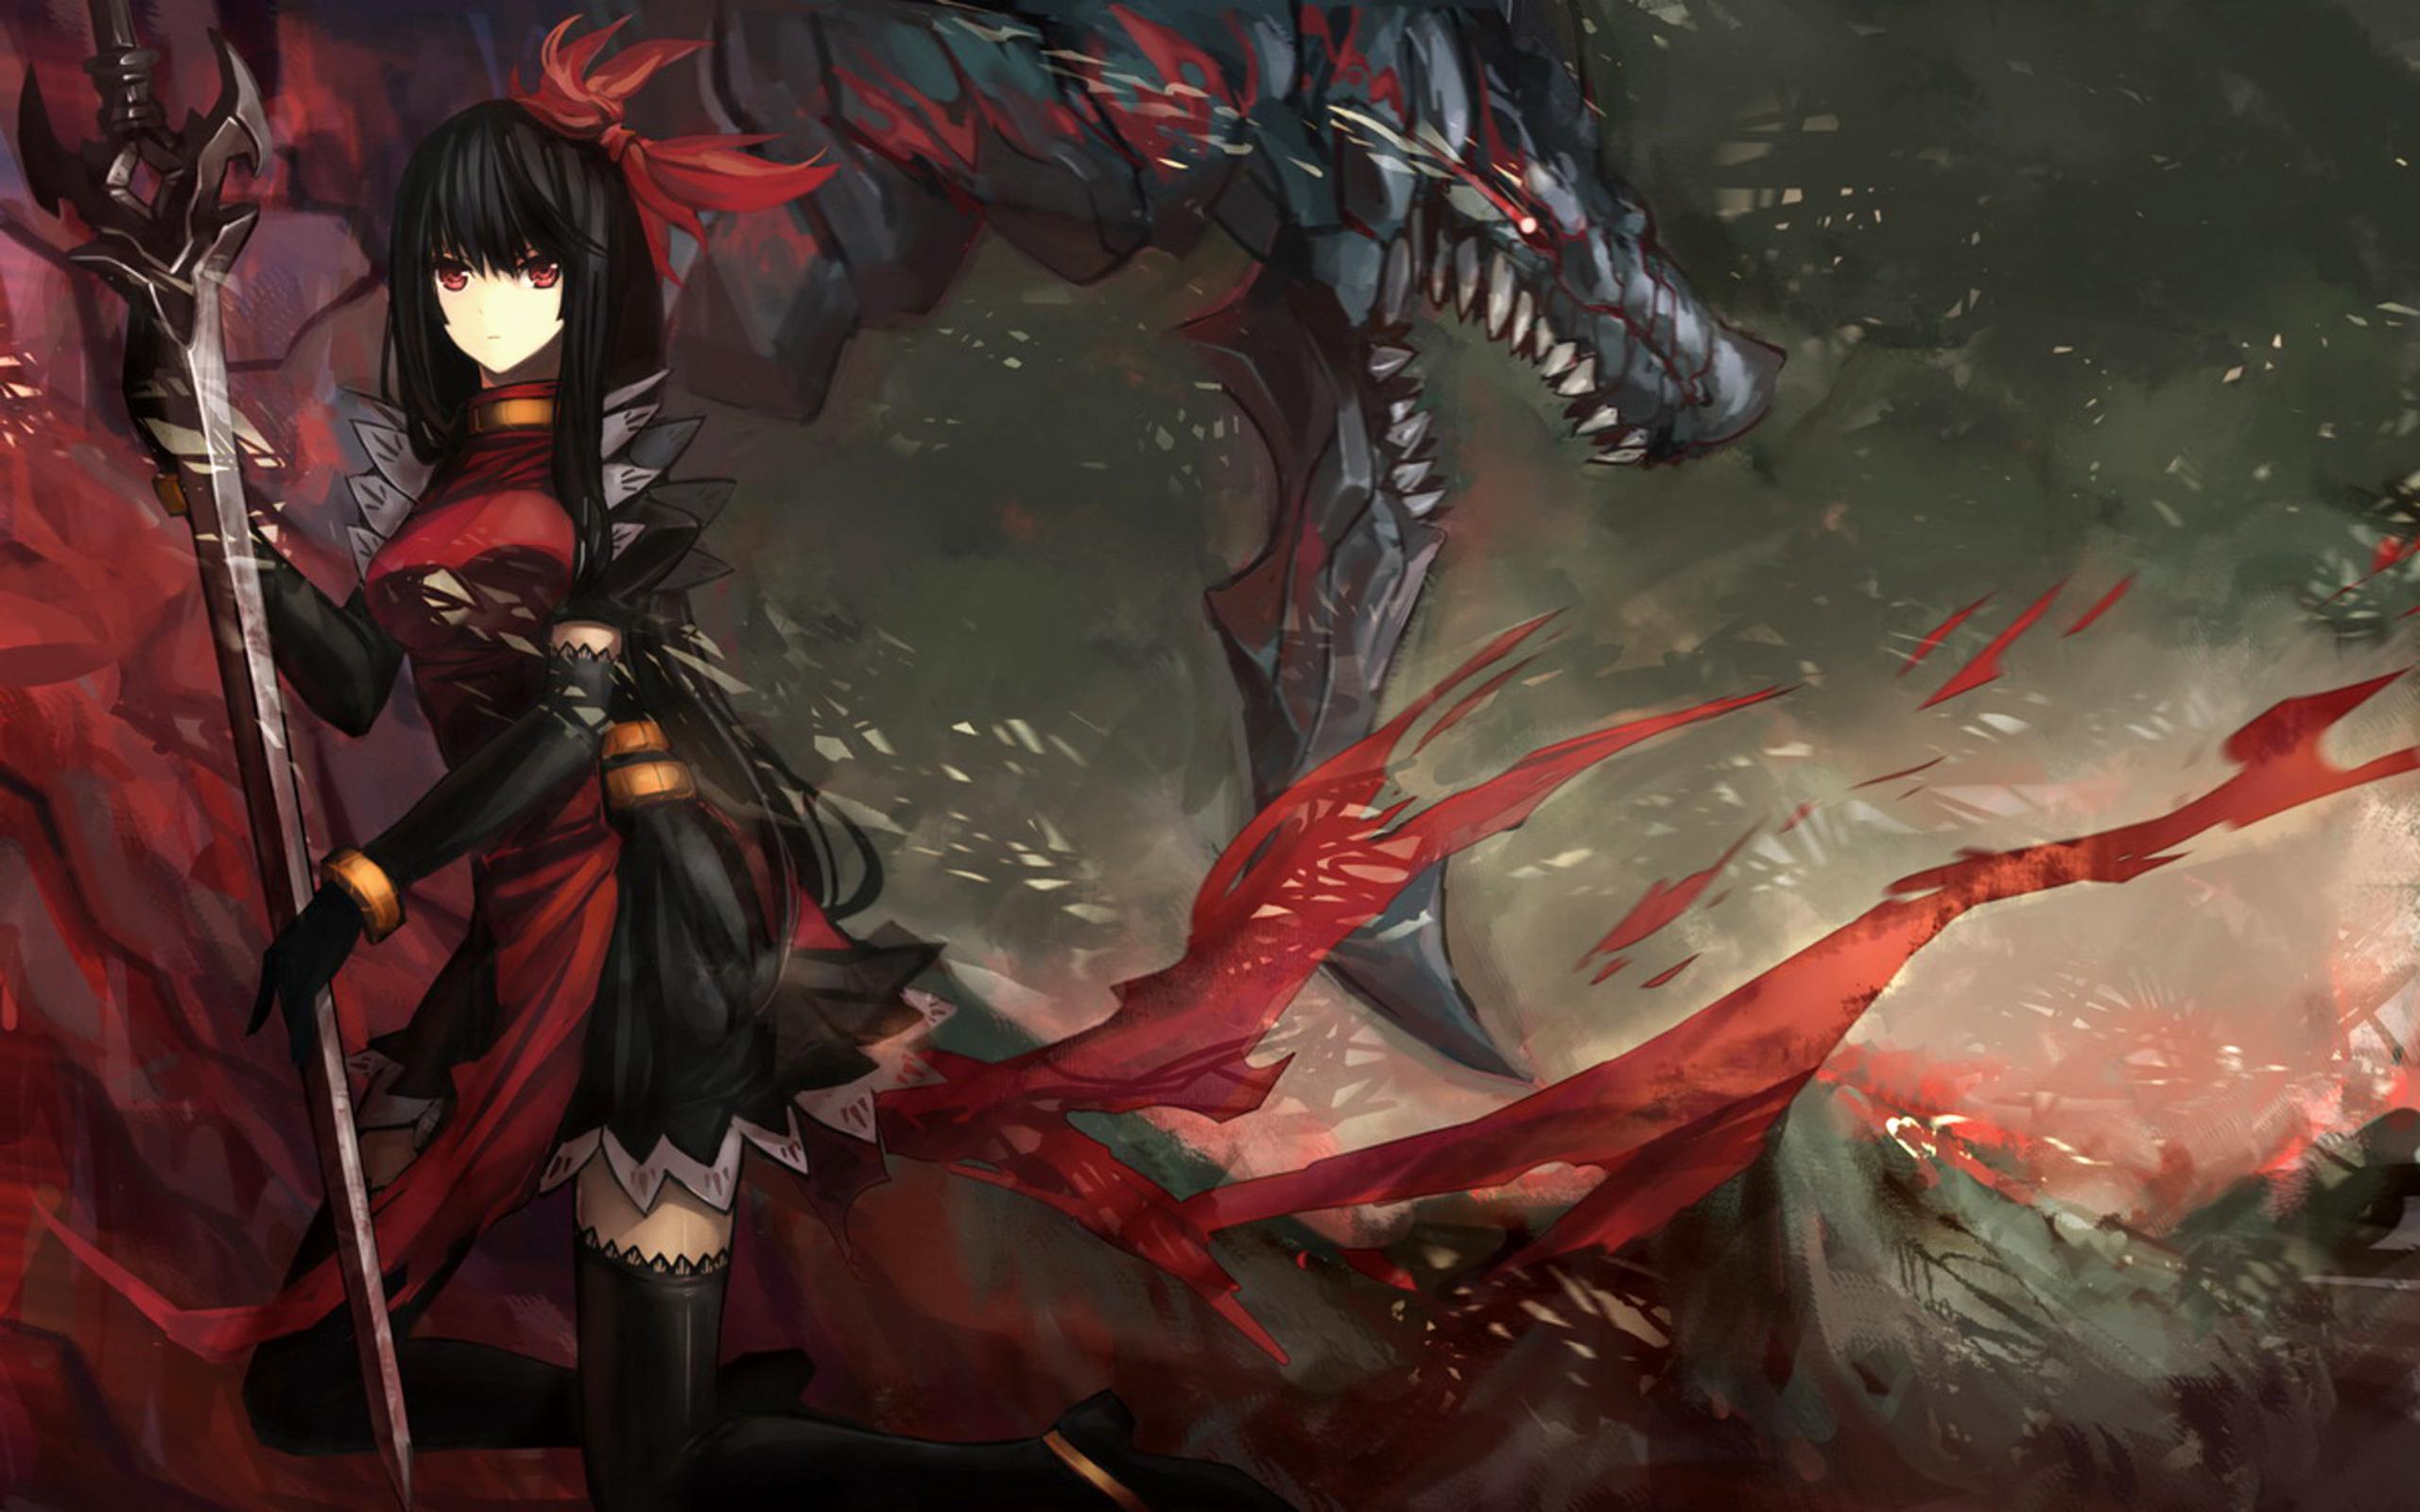 Обои для рабочего стола 1366 768 девушки мечи драконы